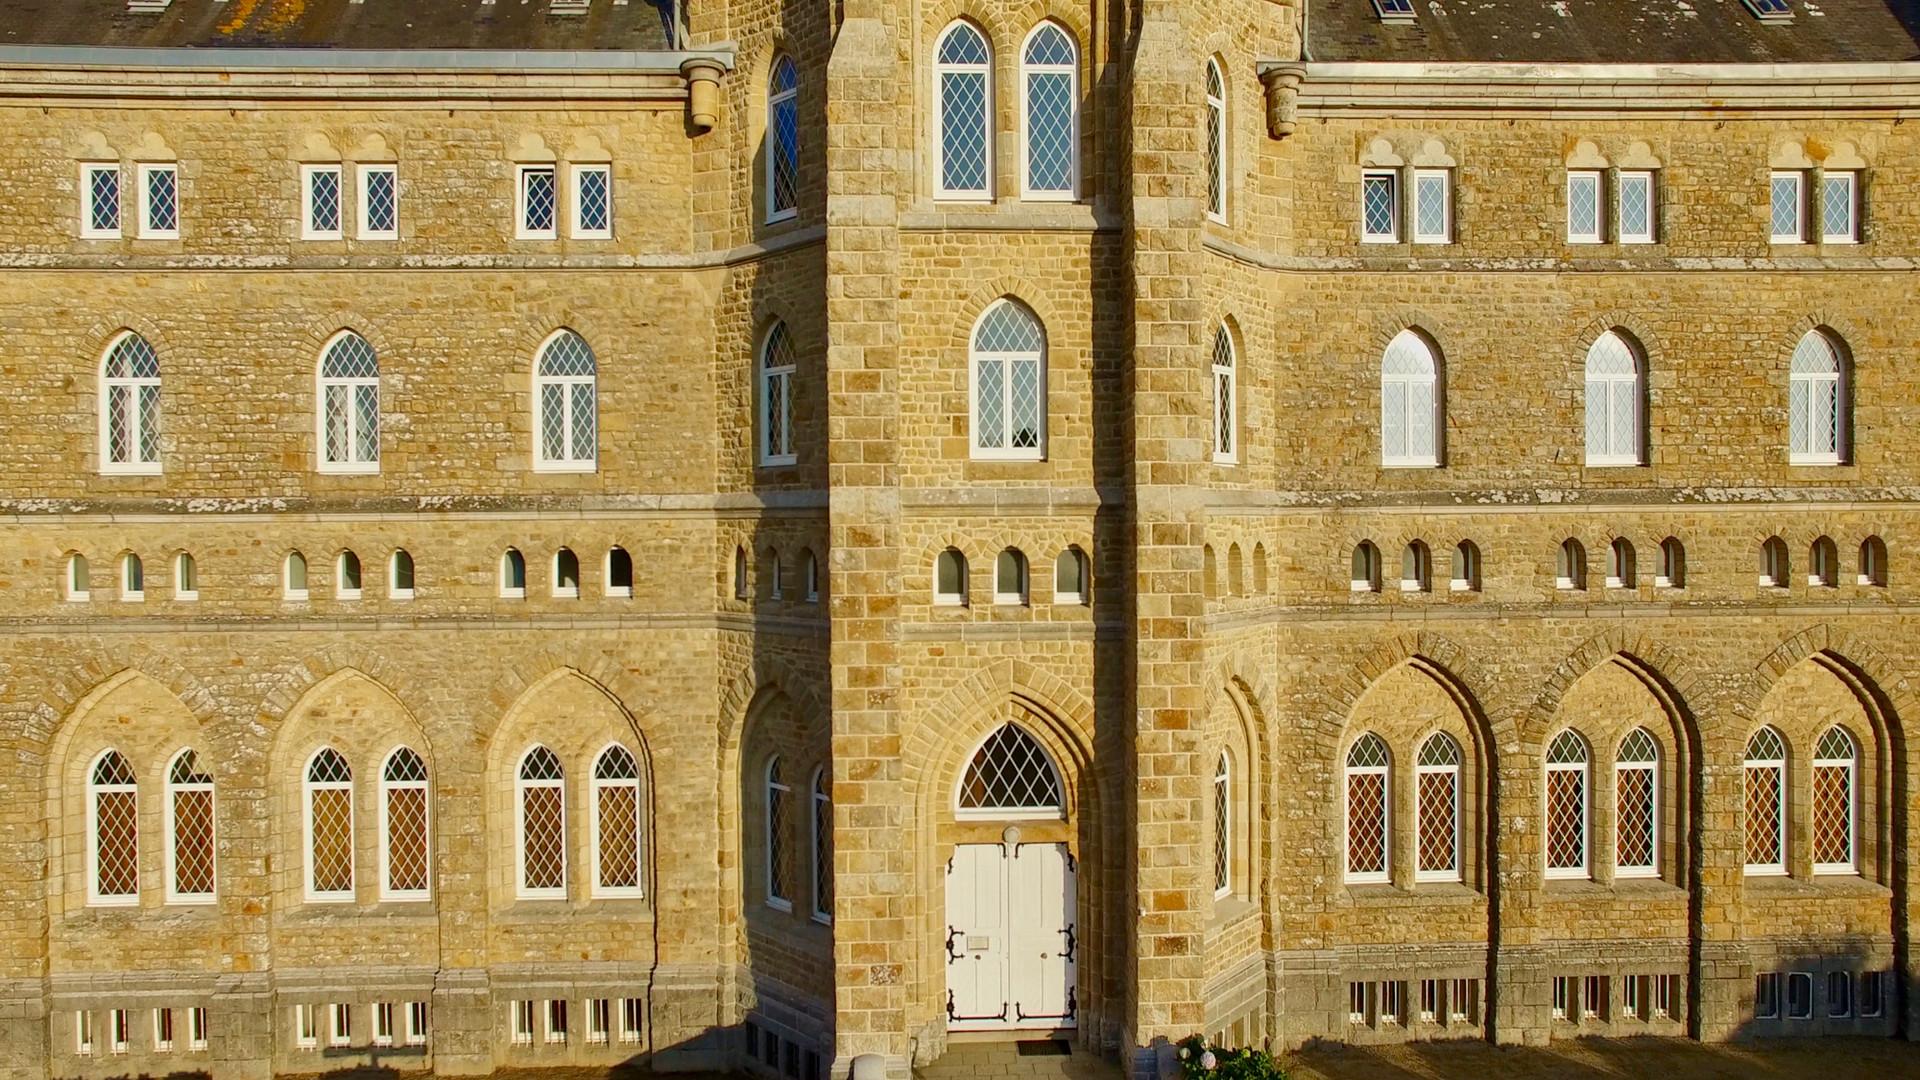 Vue aérienne par drone de la façade de l'Abbaye de Kergonan à Plouharnel